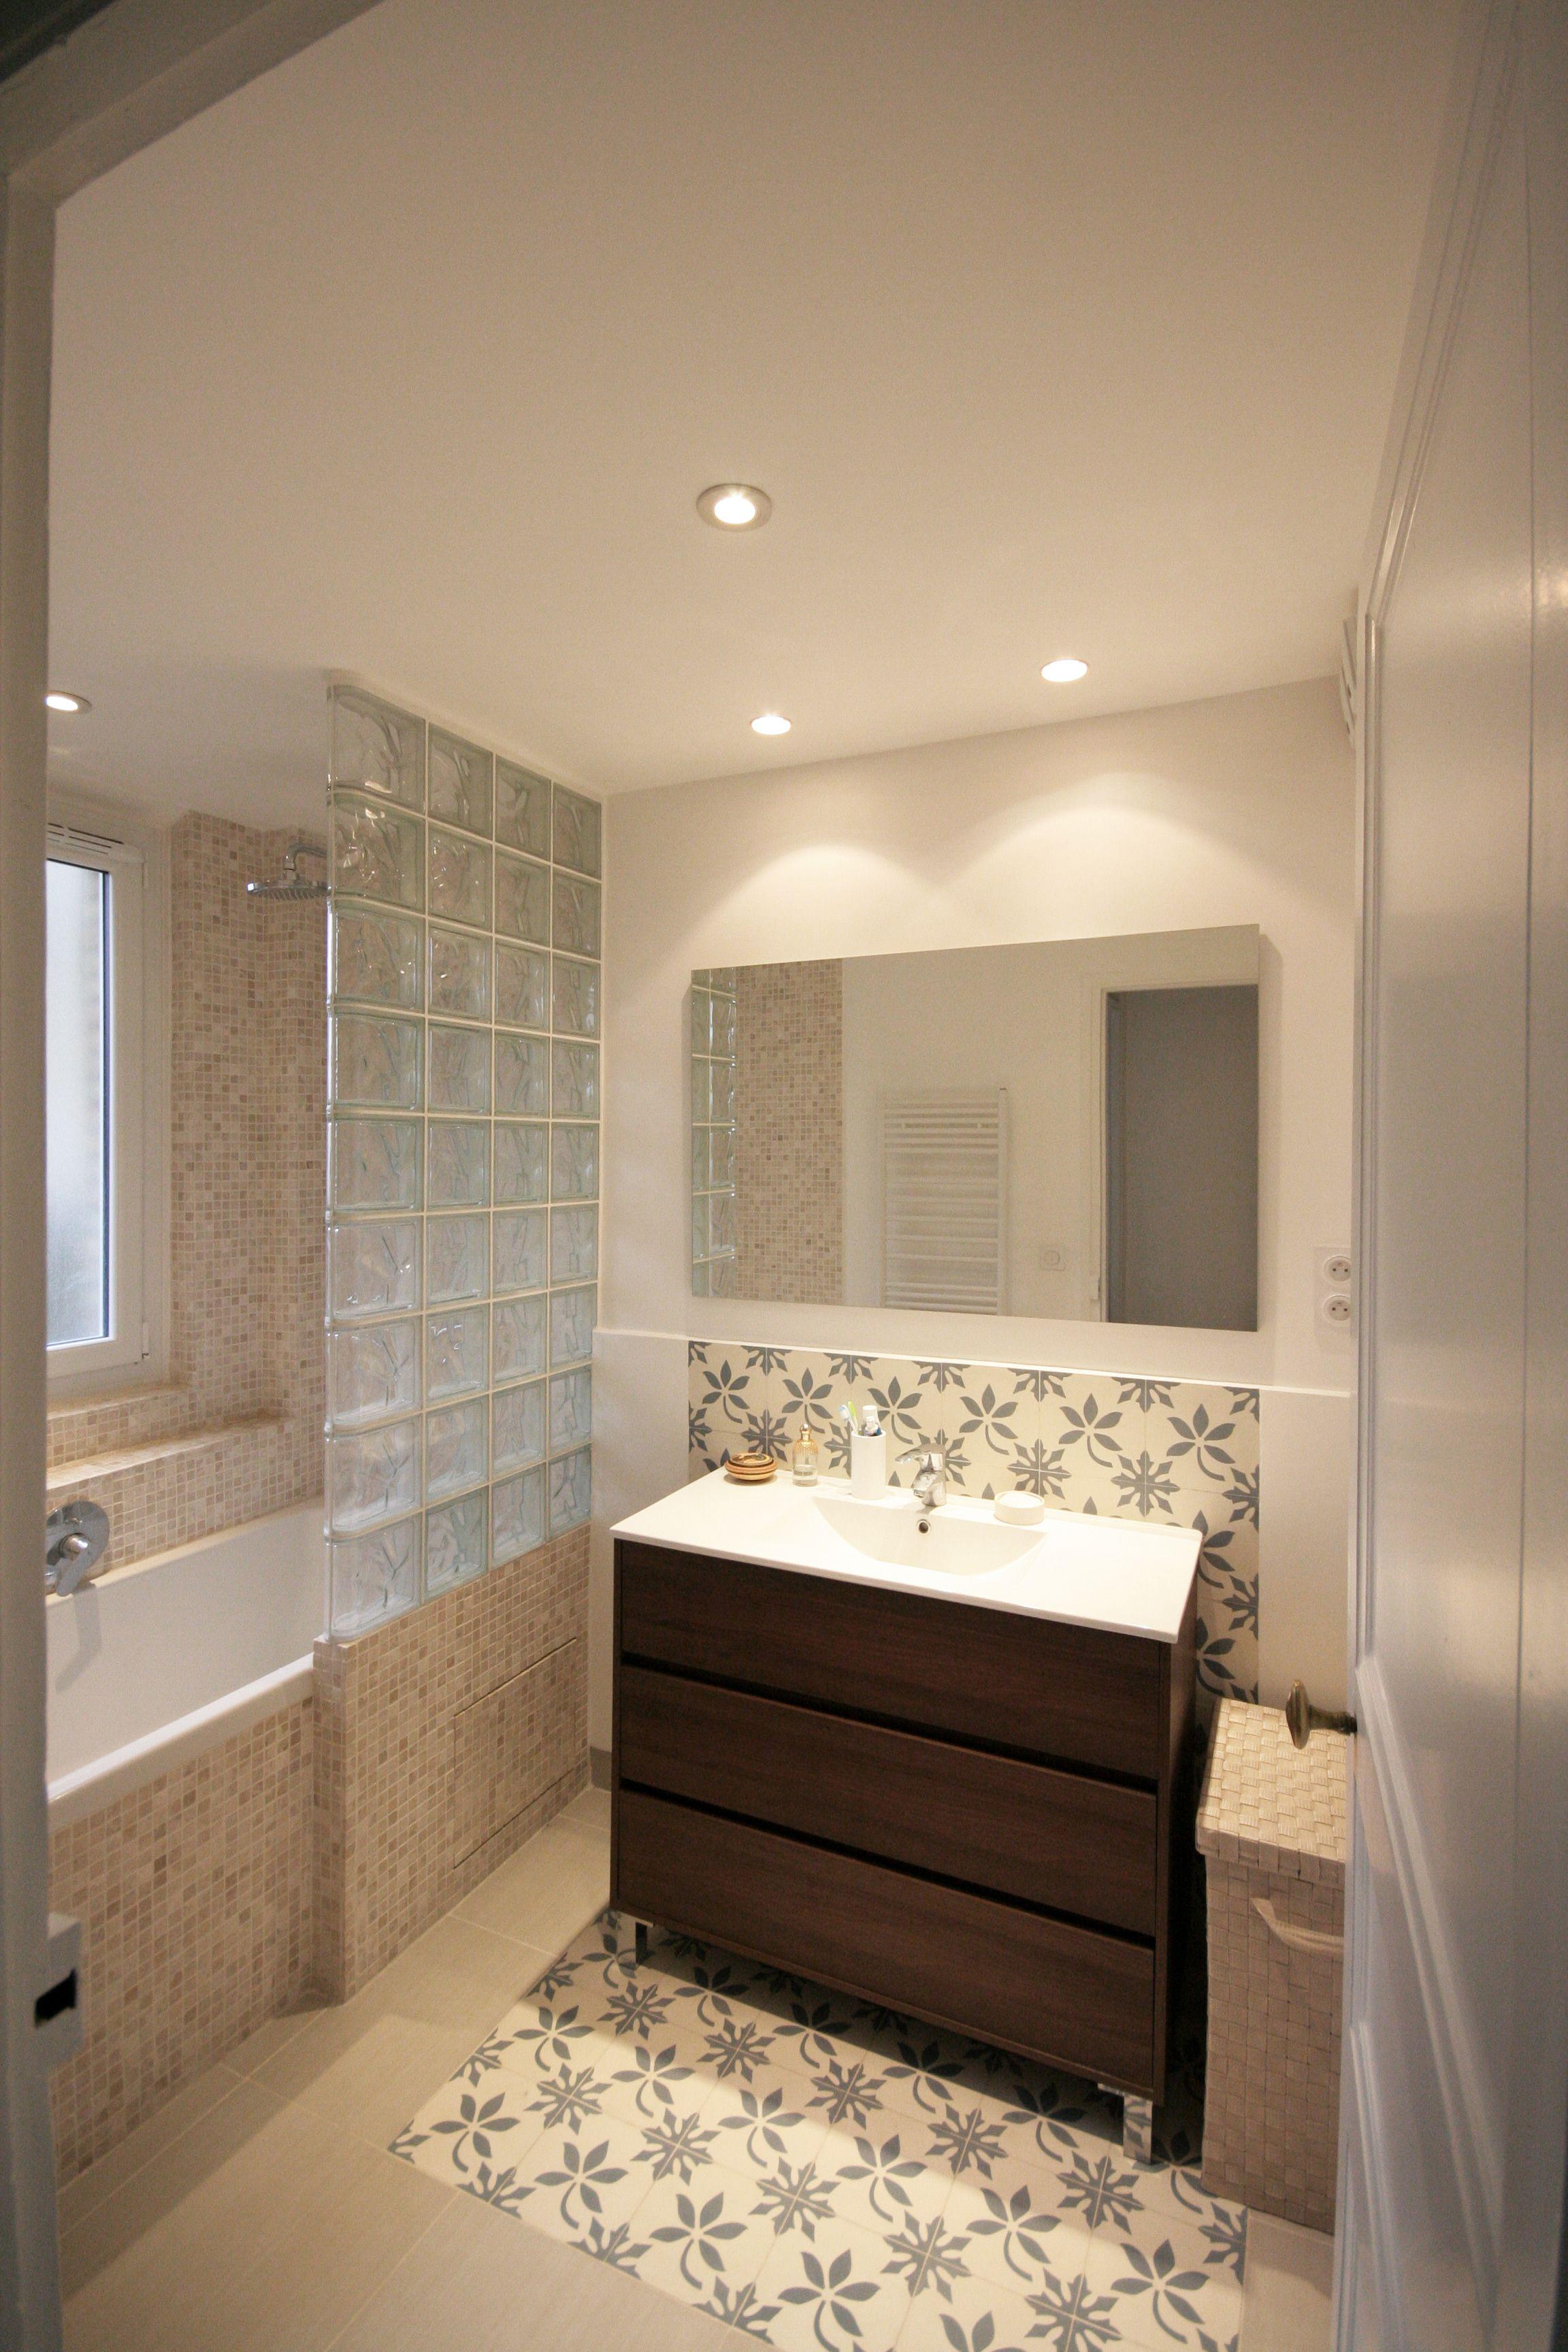 Salle De Bain Brique salle de bain, briques de verres, carreaux de ciment